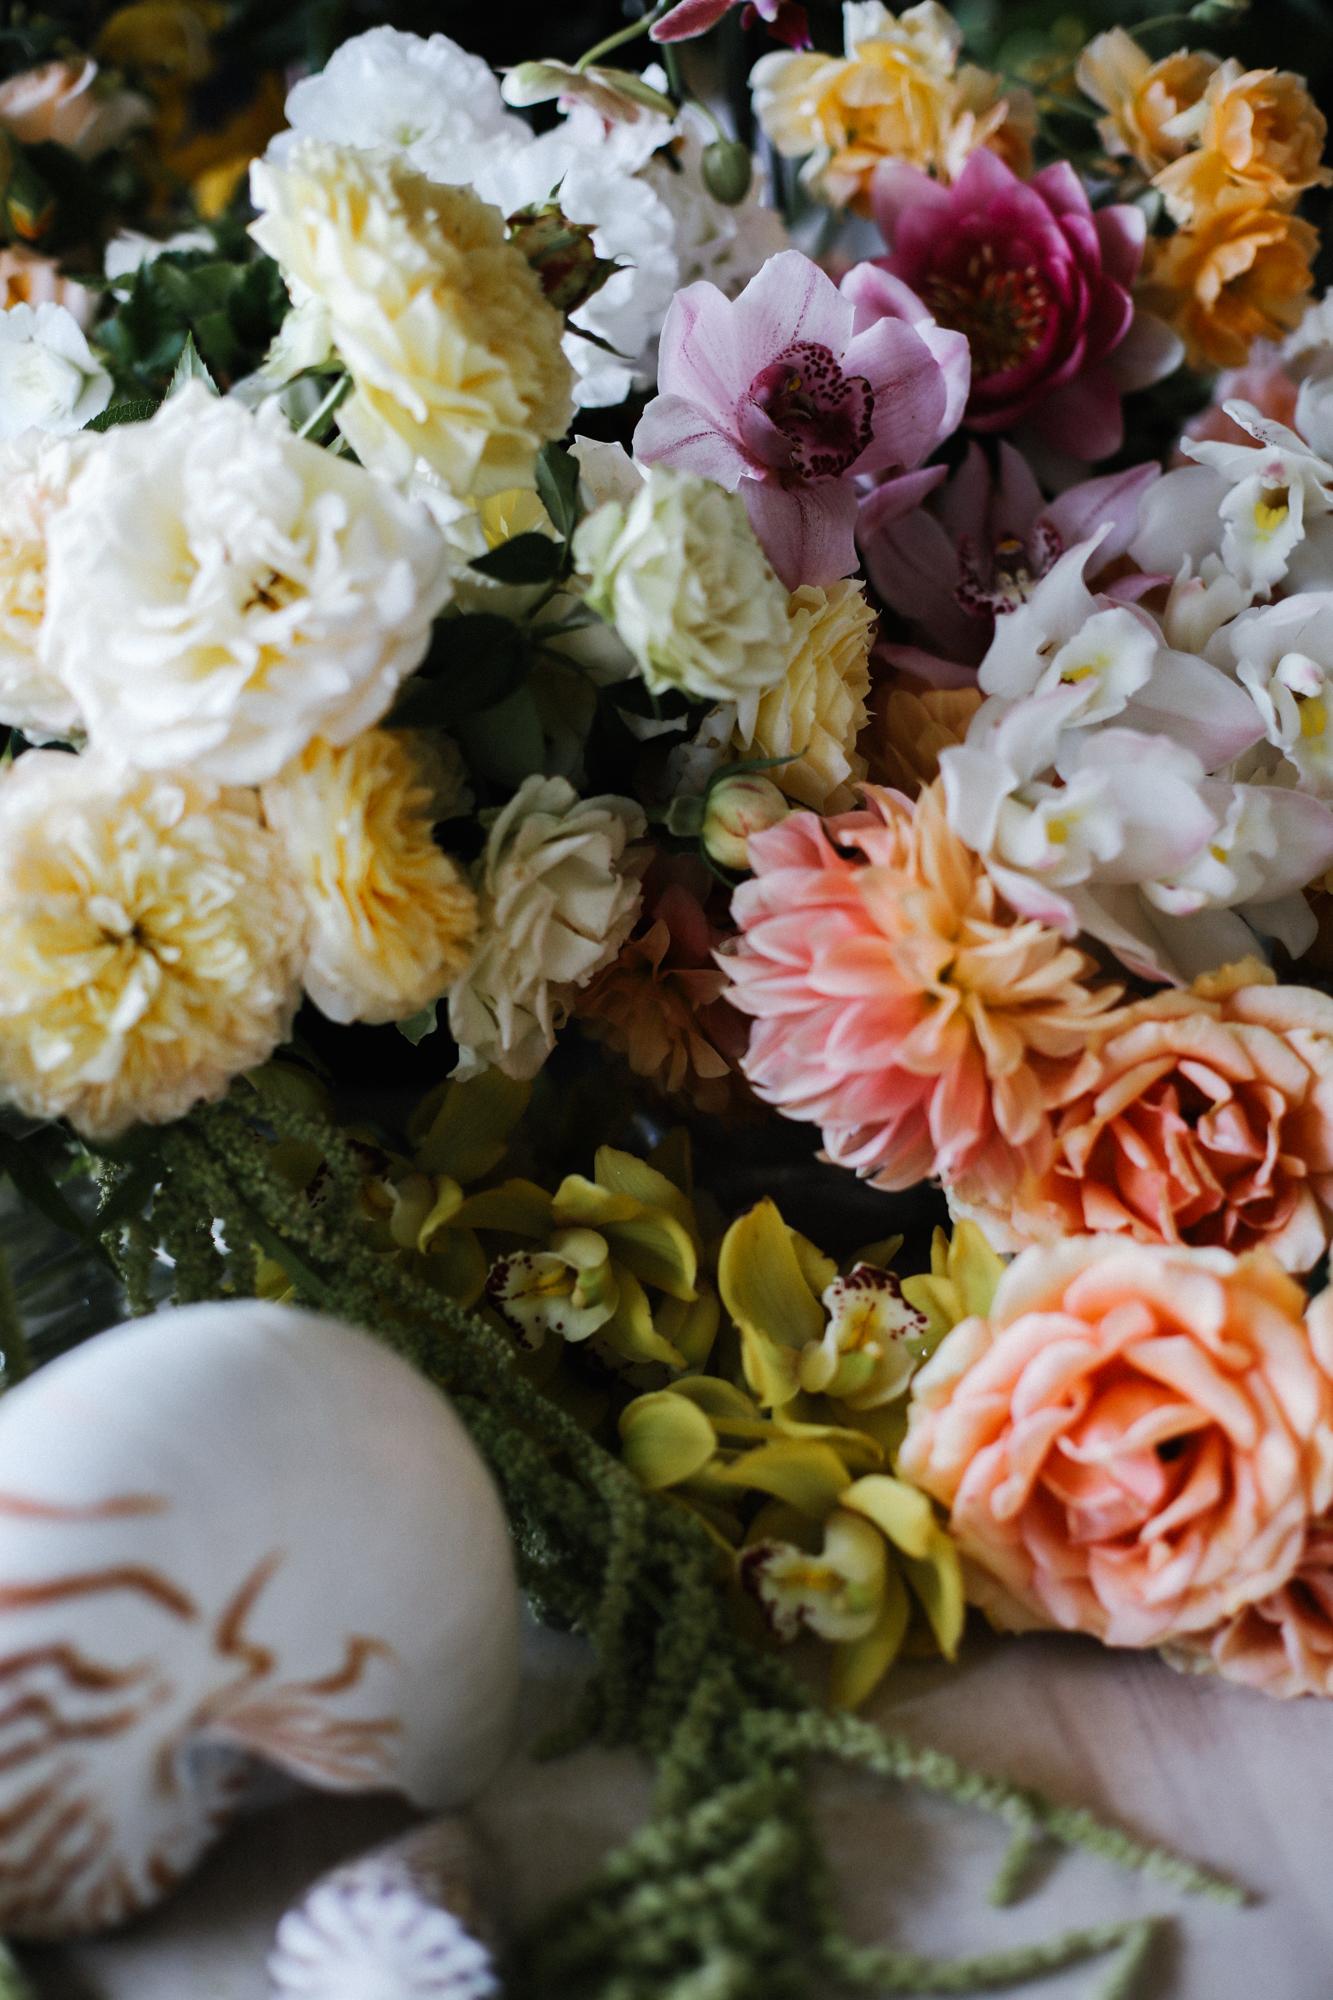 Flowers in a Vase-174.jpg